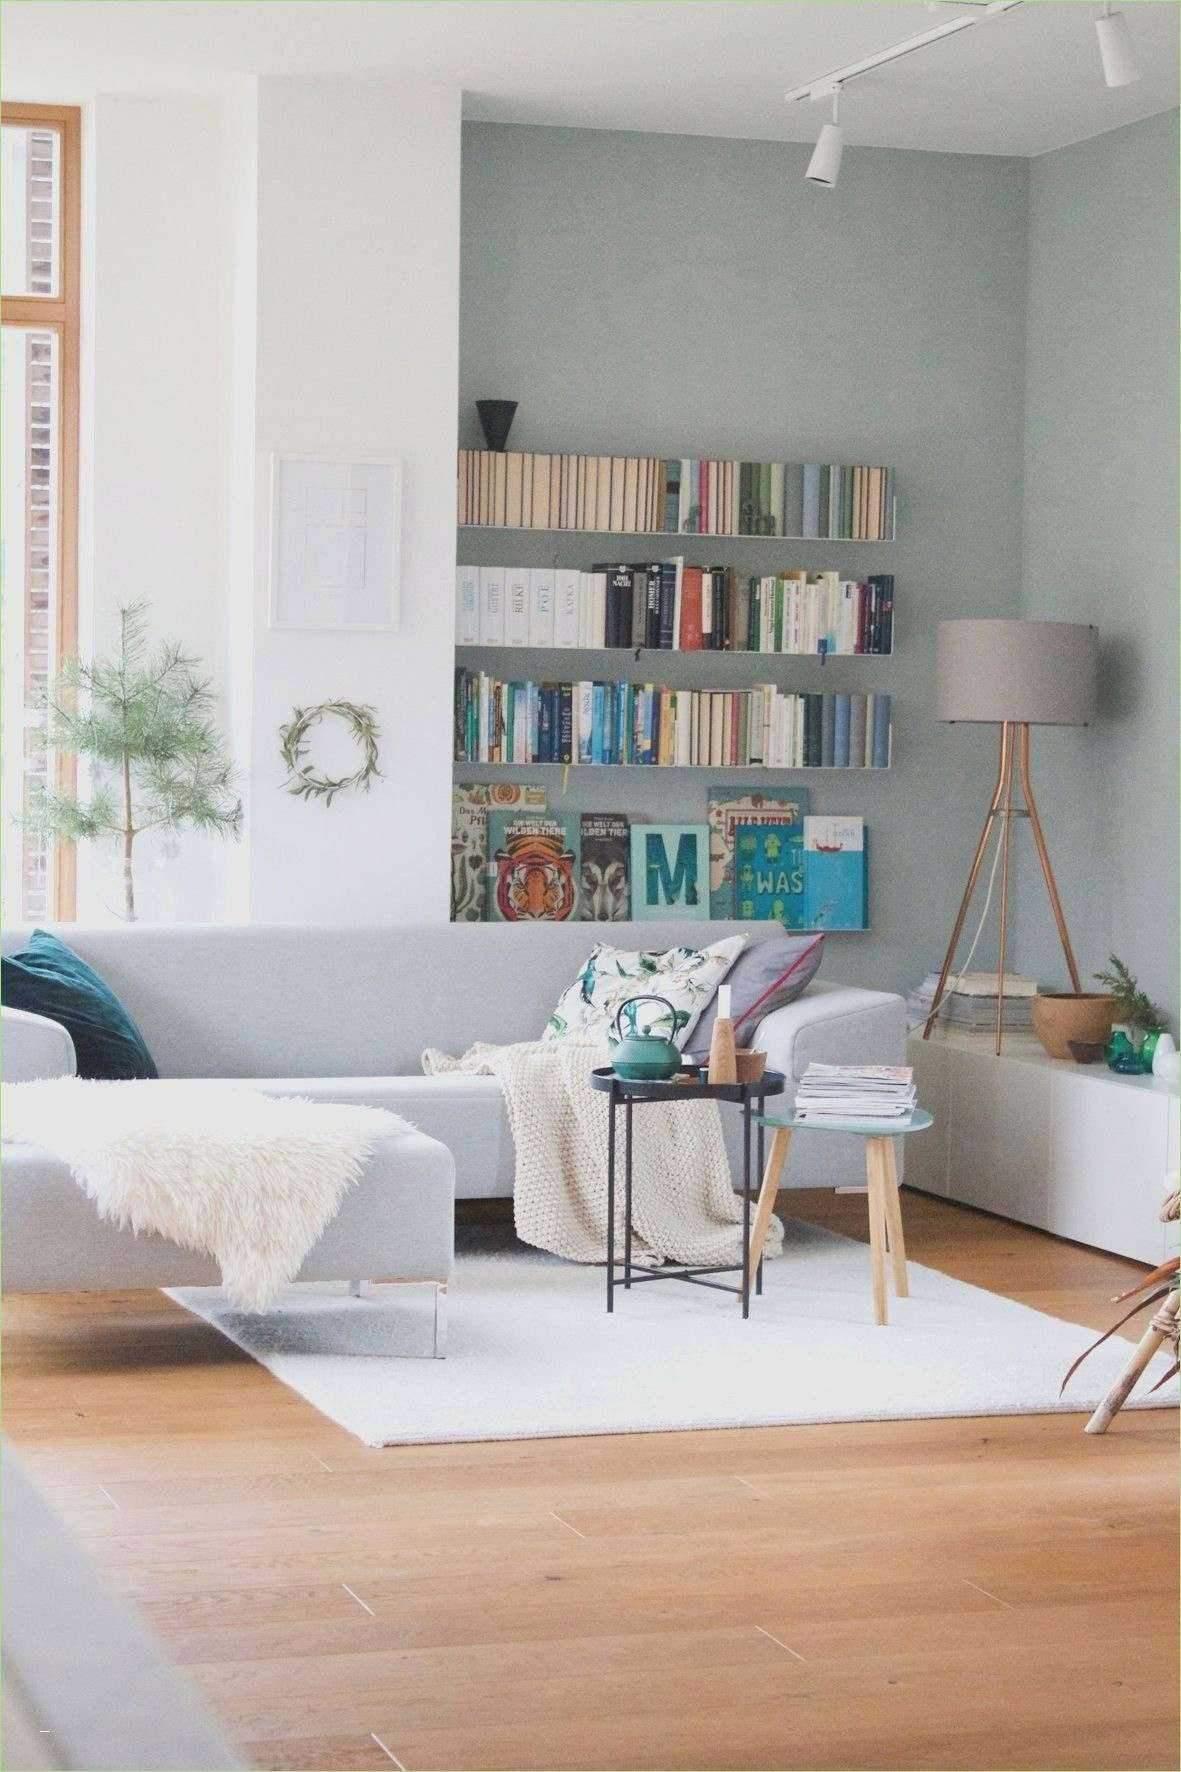 dekoration wohnzimmer ideen elegant decken dekoration wohnzimmer frisch couch decke 0d archives of dekoration wohnzimmer ideen